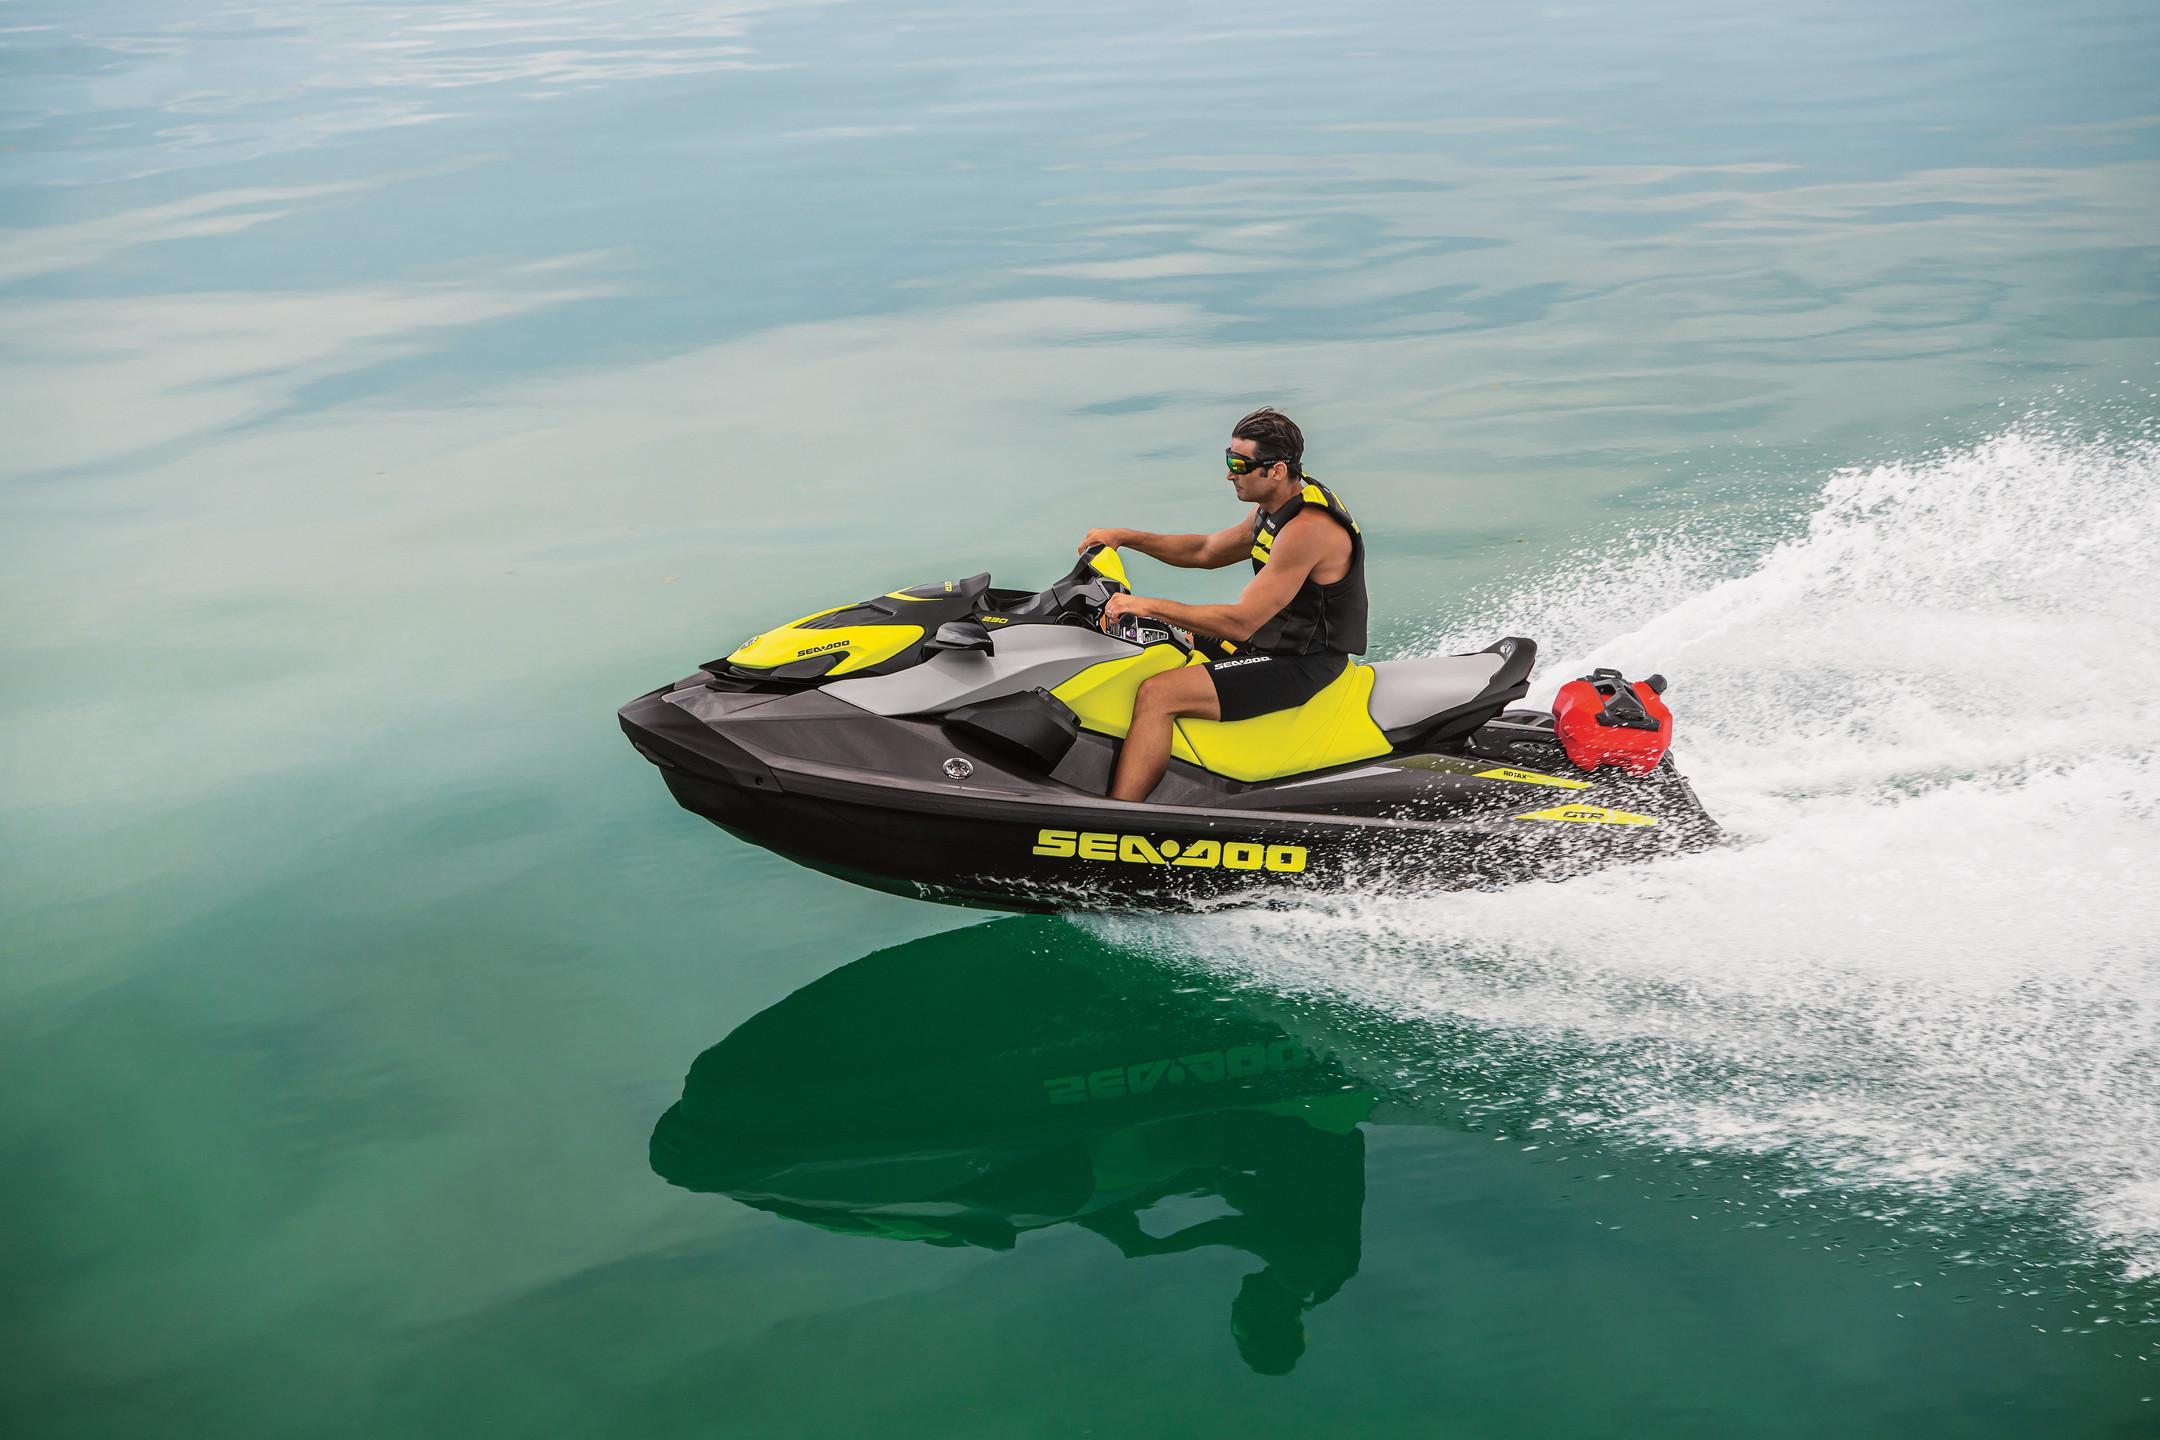 2021 SeaDoo GTR230